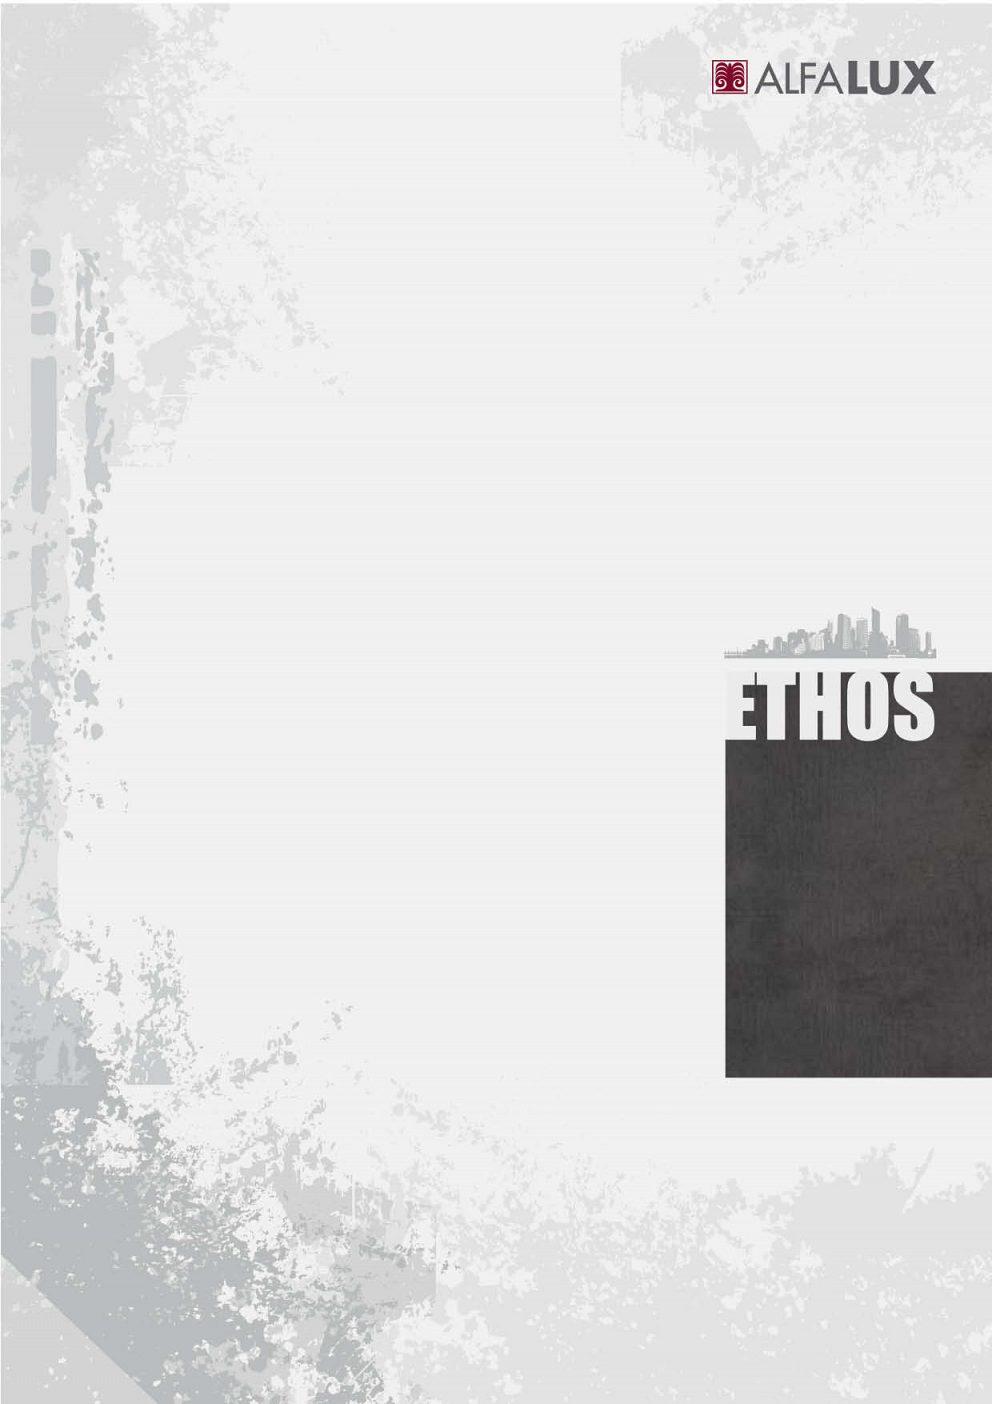 Alfalux - Ethos